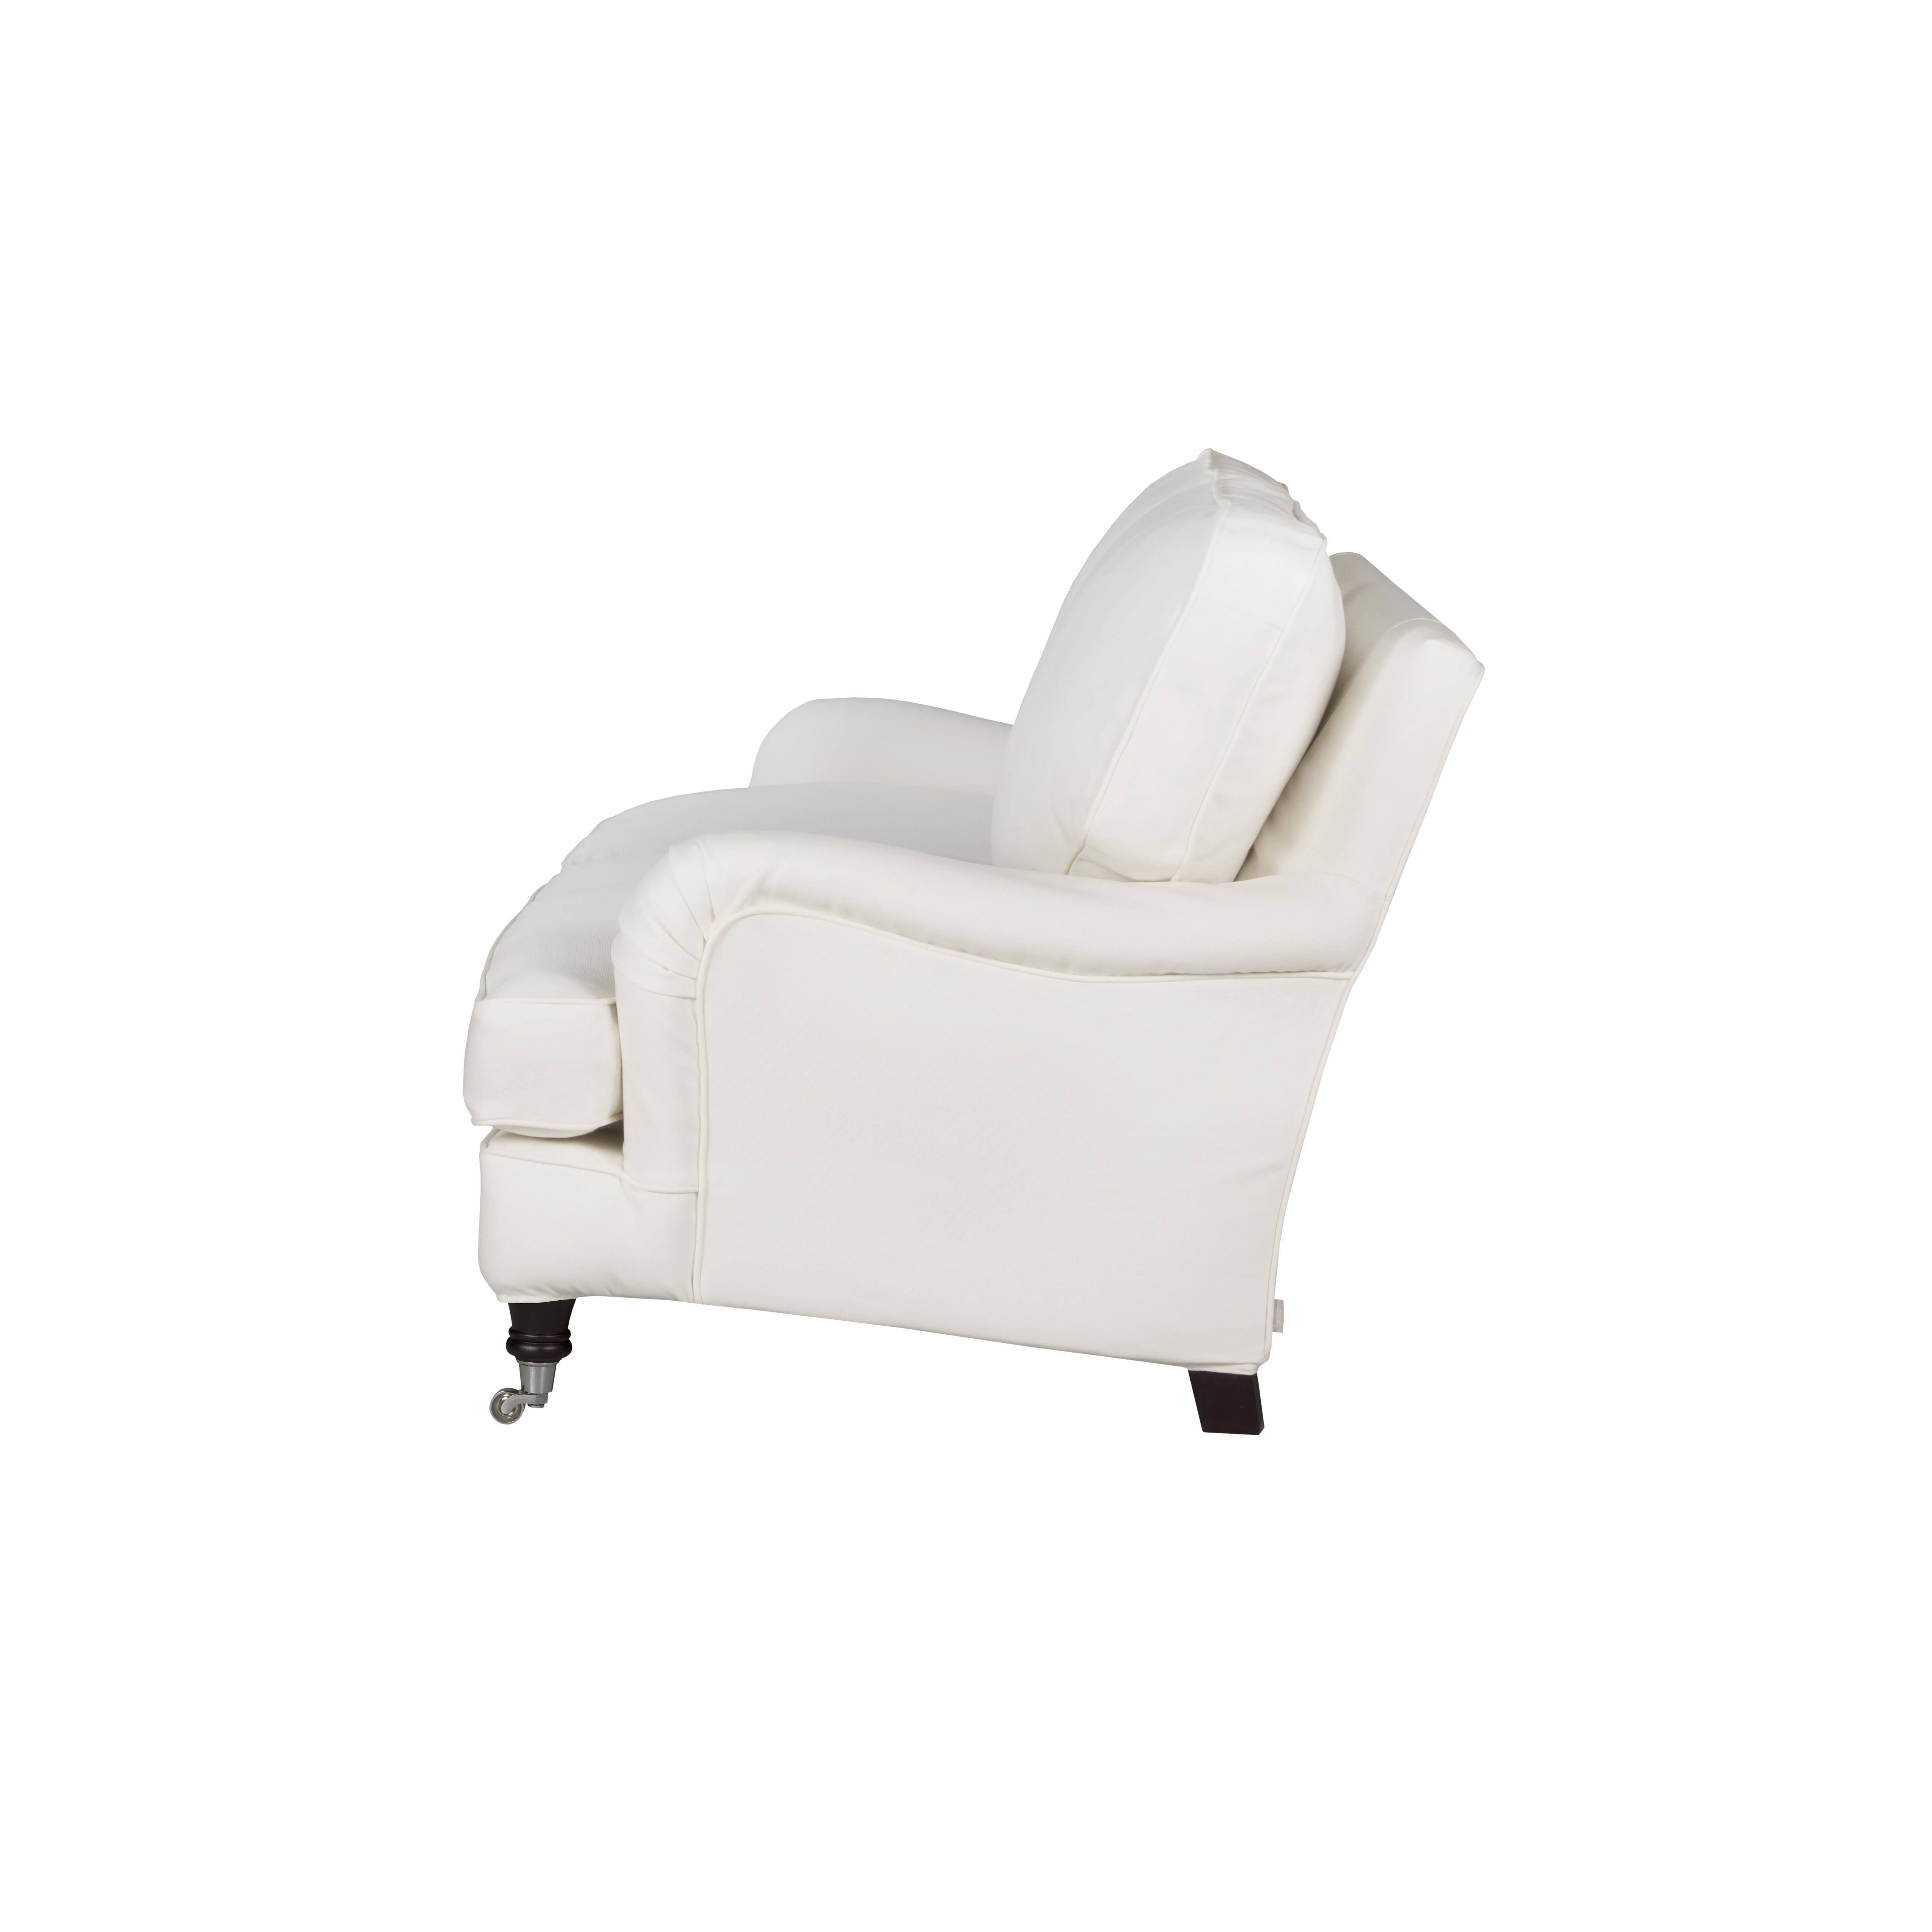 Howard medium soffa 3-sits från sidan - englesson.se